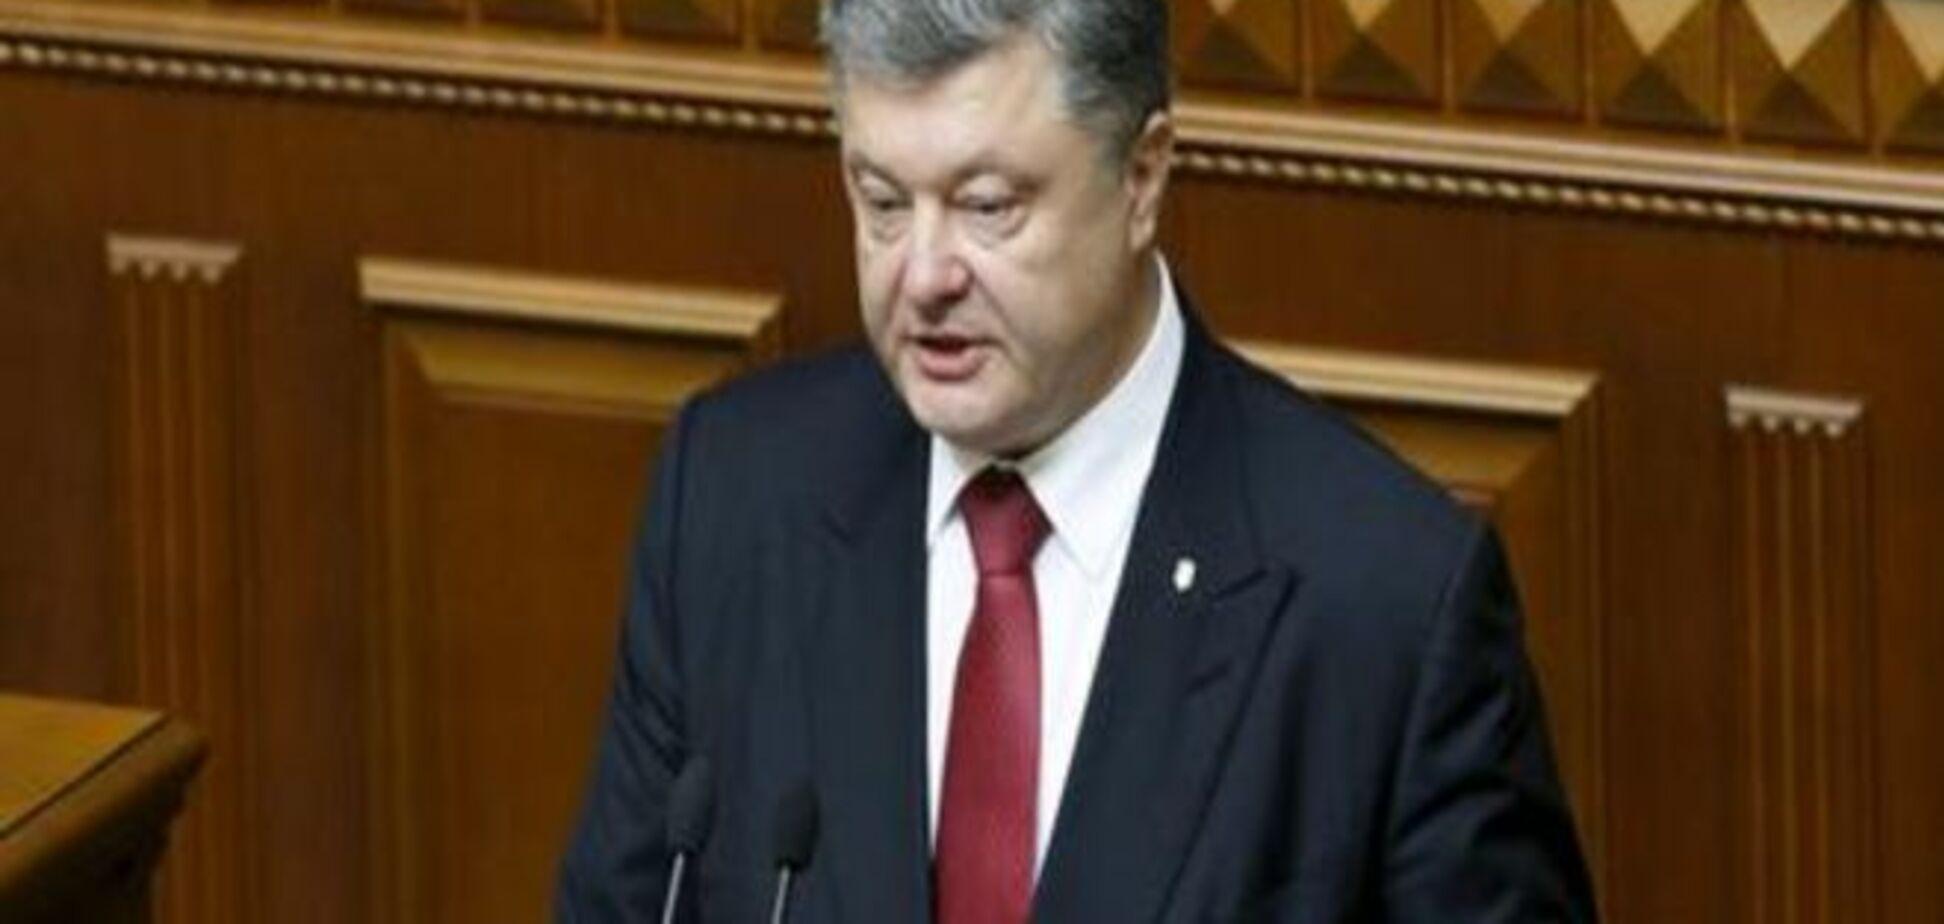 Порошенко: Зміни до Конституції не передбачають особливого статусу Донбасу